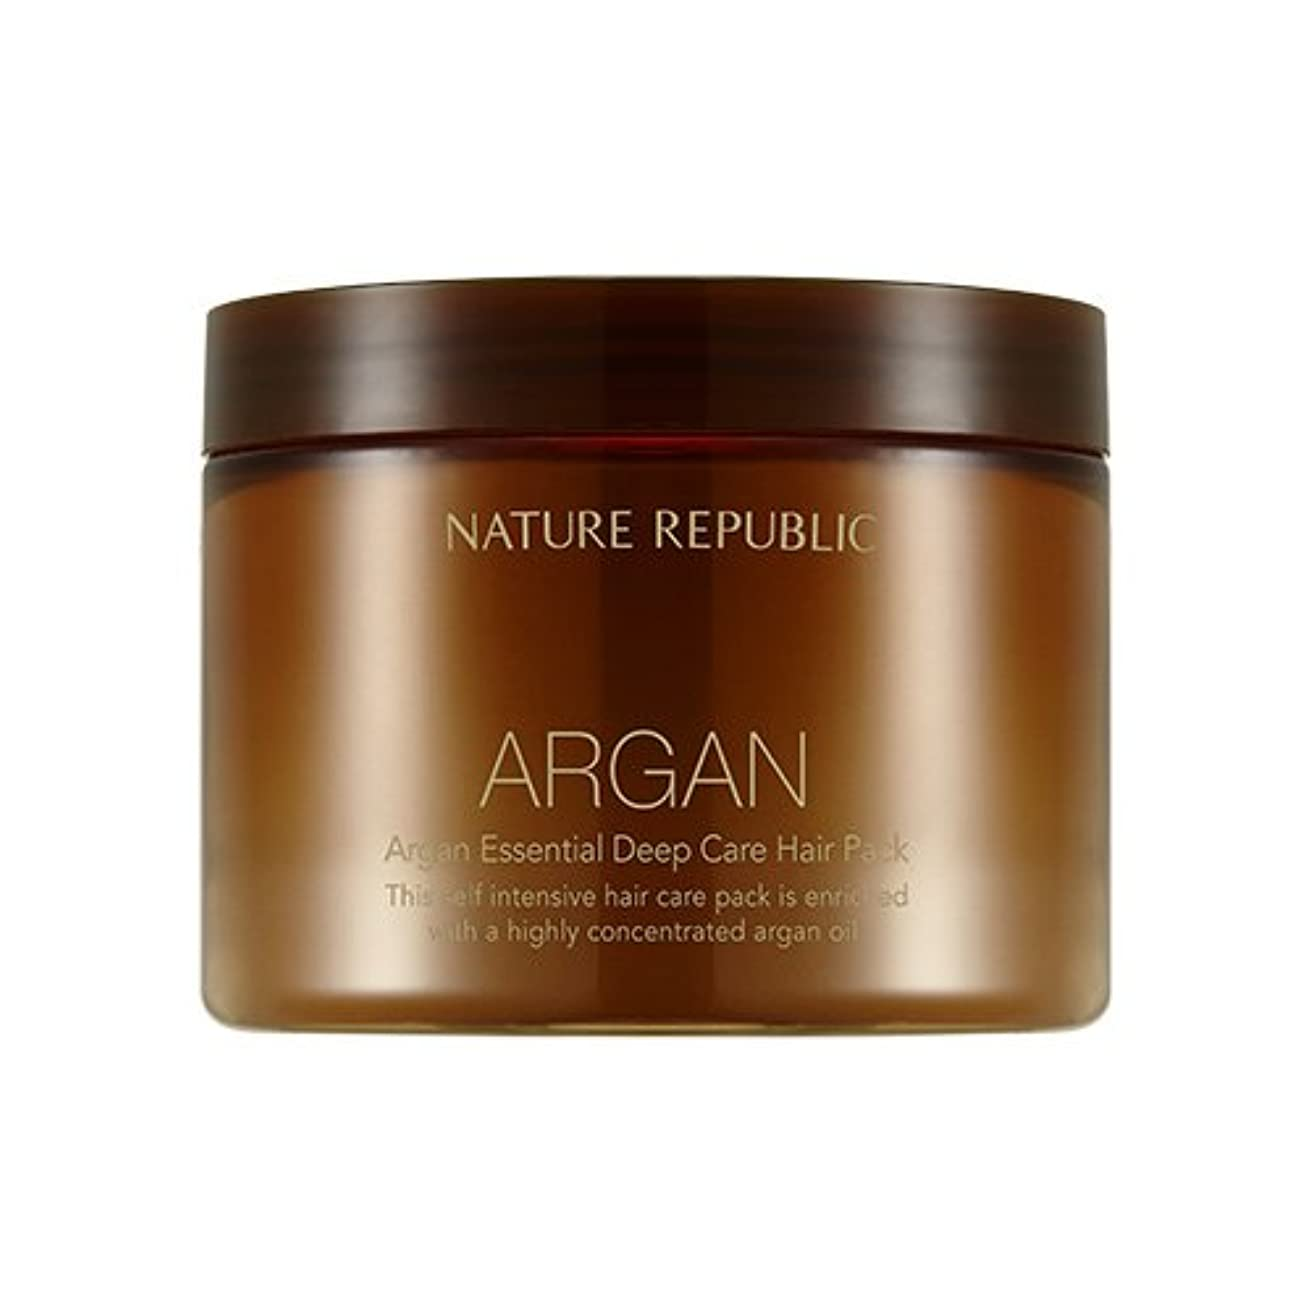 無家禽遠えNATURE REPUBLIC Argan Essential Deep Care Hair Pack 470ml ネイチャーリパブリック アルガンエッセンシャルディープケアヘアパック 470ml [並行輸入品]